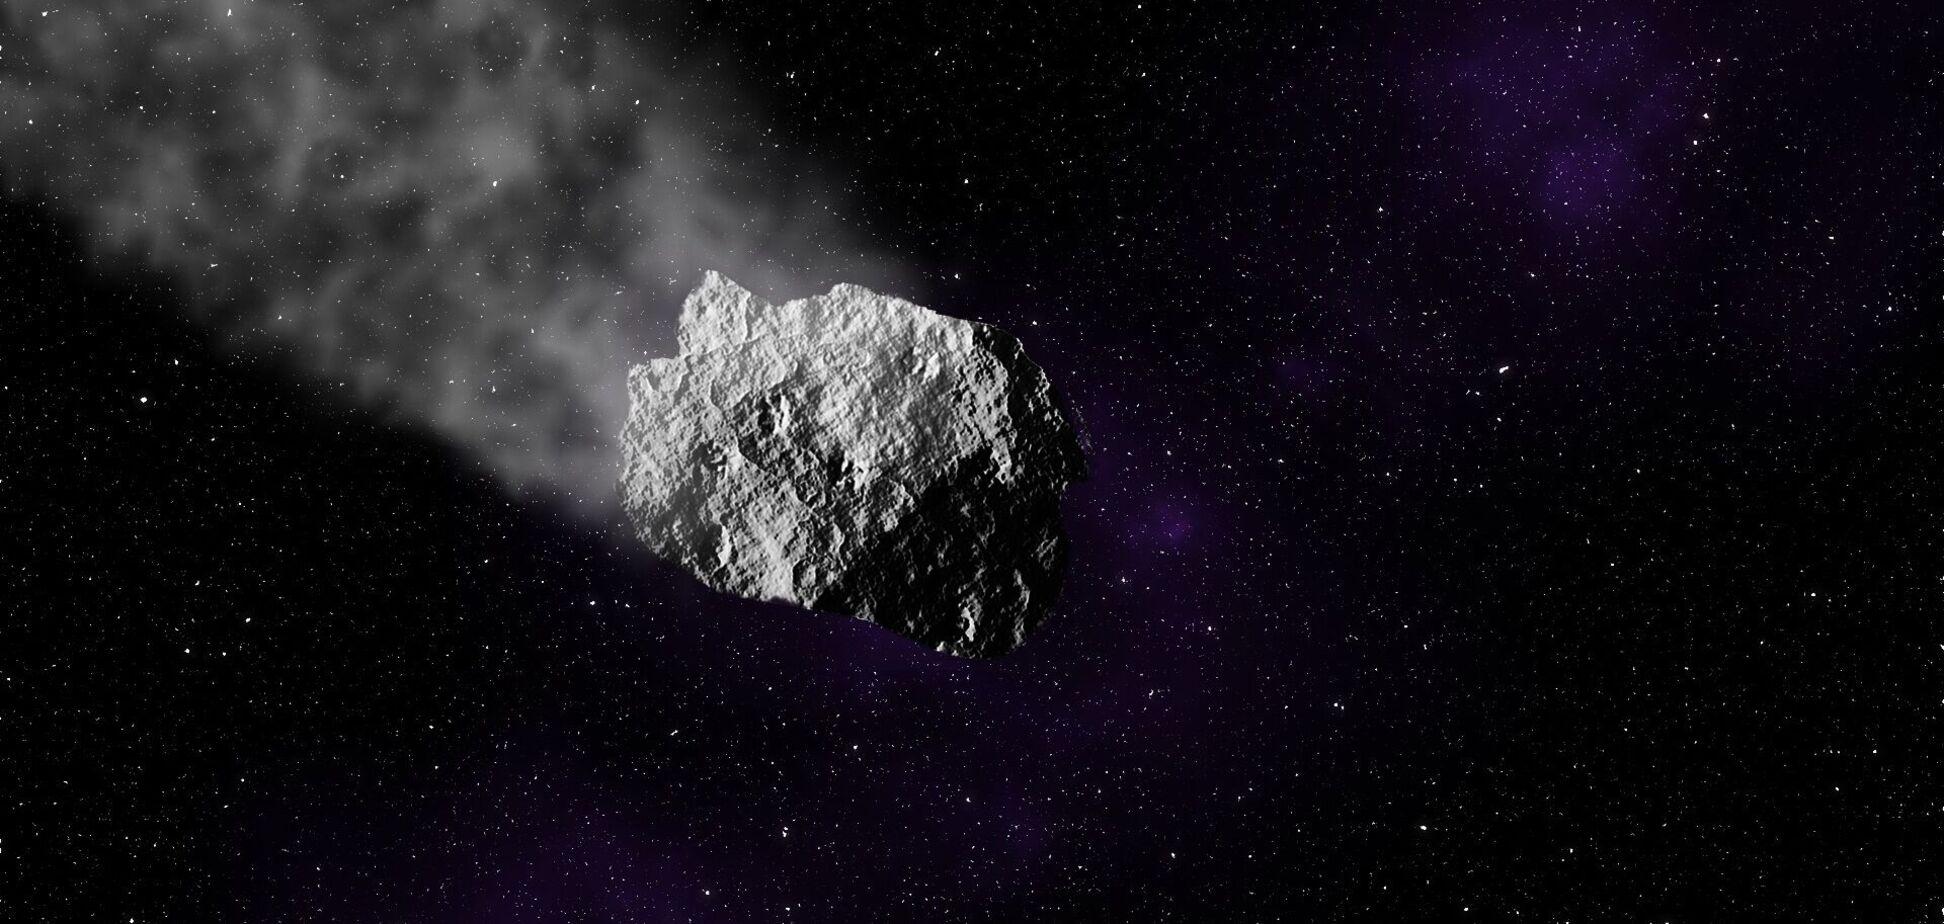 На Землю падают около 2 тысячтонн метеоритов в год. Иллюстрация